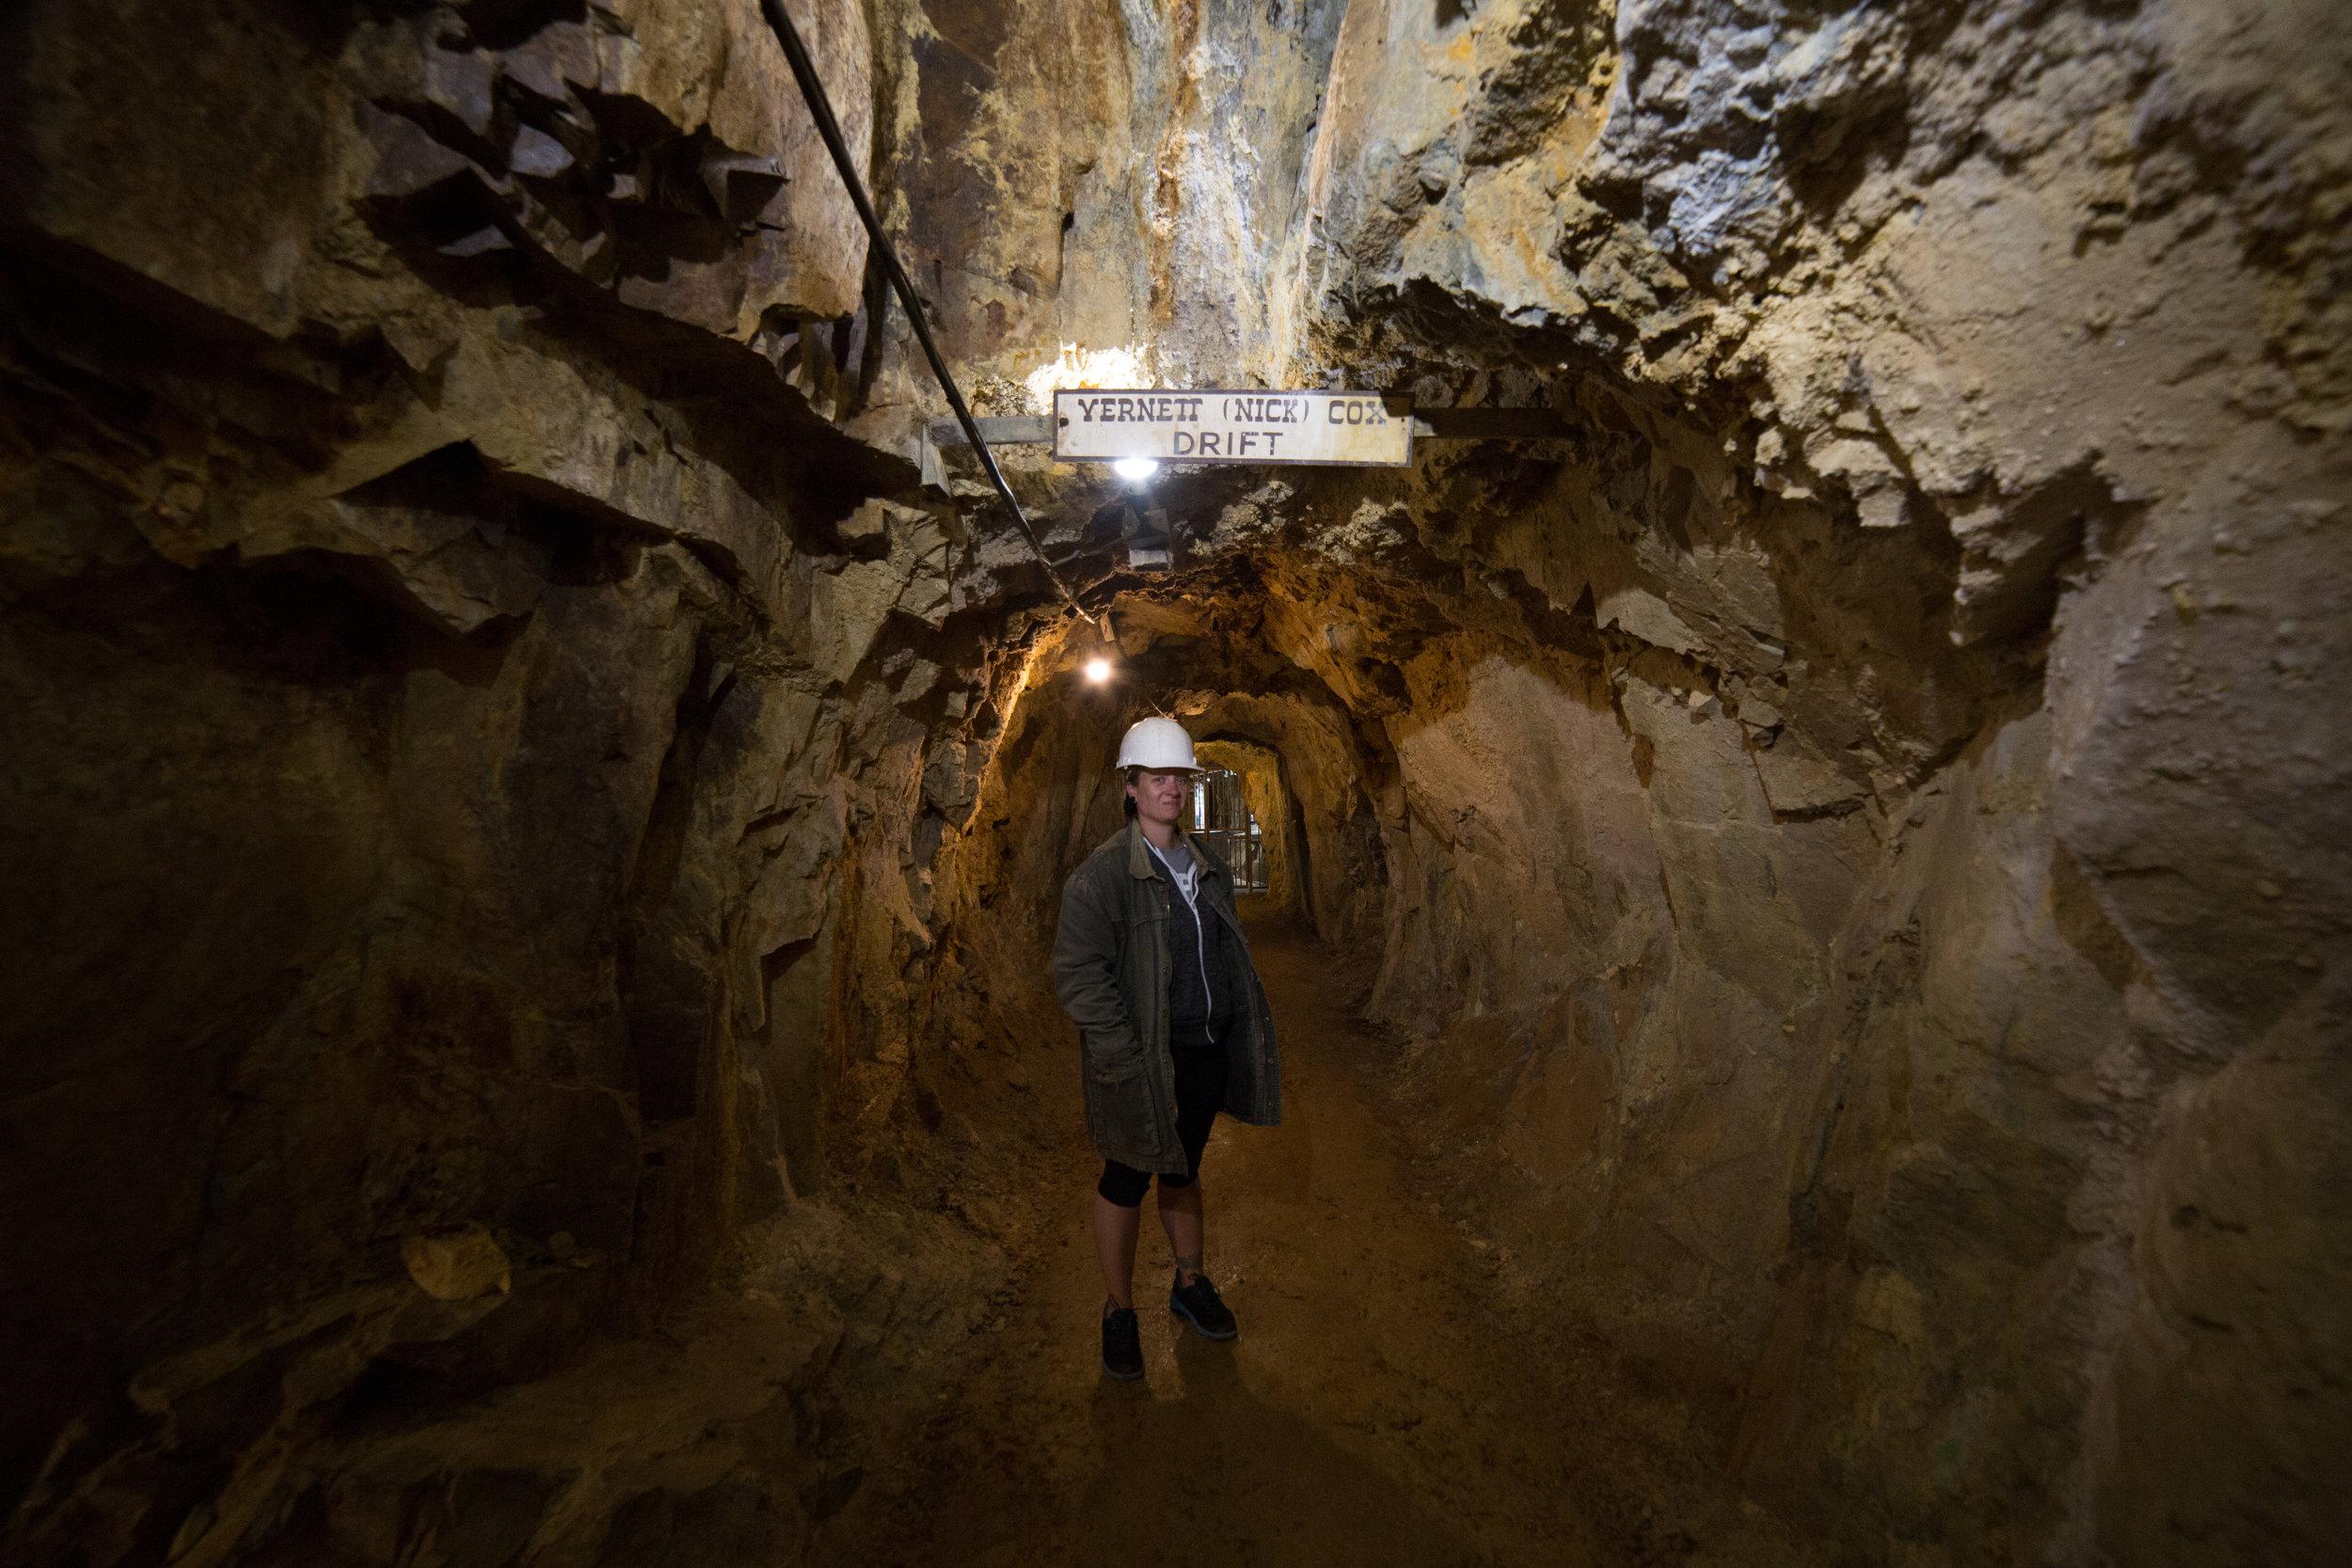 1,000 feet underground at the Mollie Kathleen Gold Mine